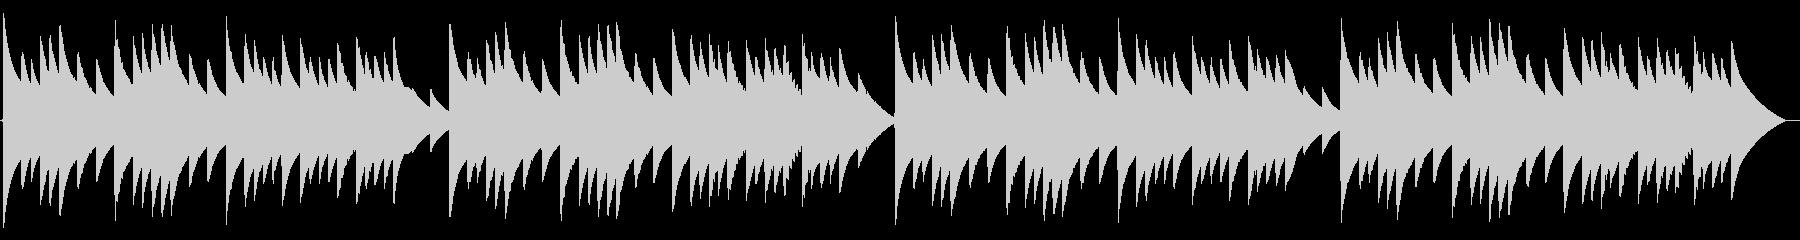 電話 保留音01-2(メヌエット)の未再生の波形